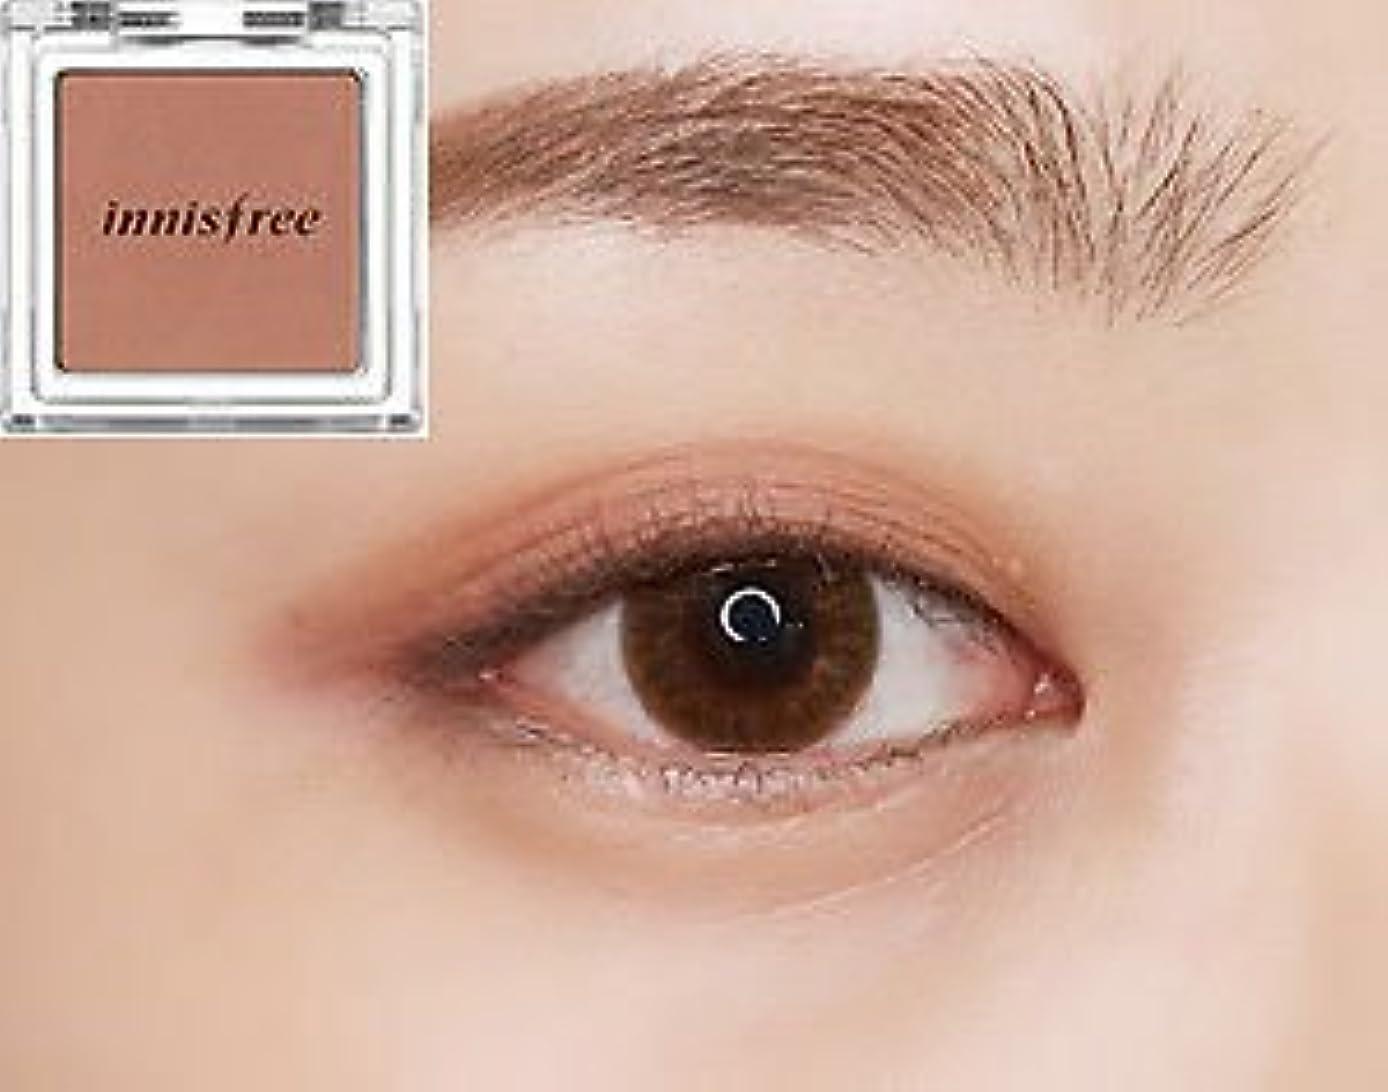 スタックかき混ぜるマート[イニスフリー] innisfree [マイ パレット マイ アイシャドウ (マット) 40カラー] MY PALETTE My Eyeshadow (Matte) 40 Shades [海外直送品] (マット #23)